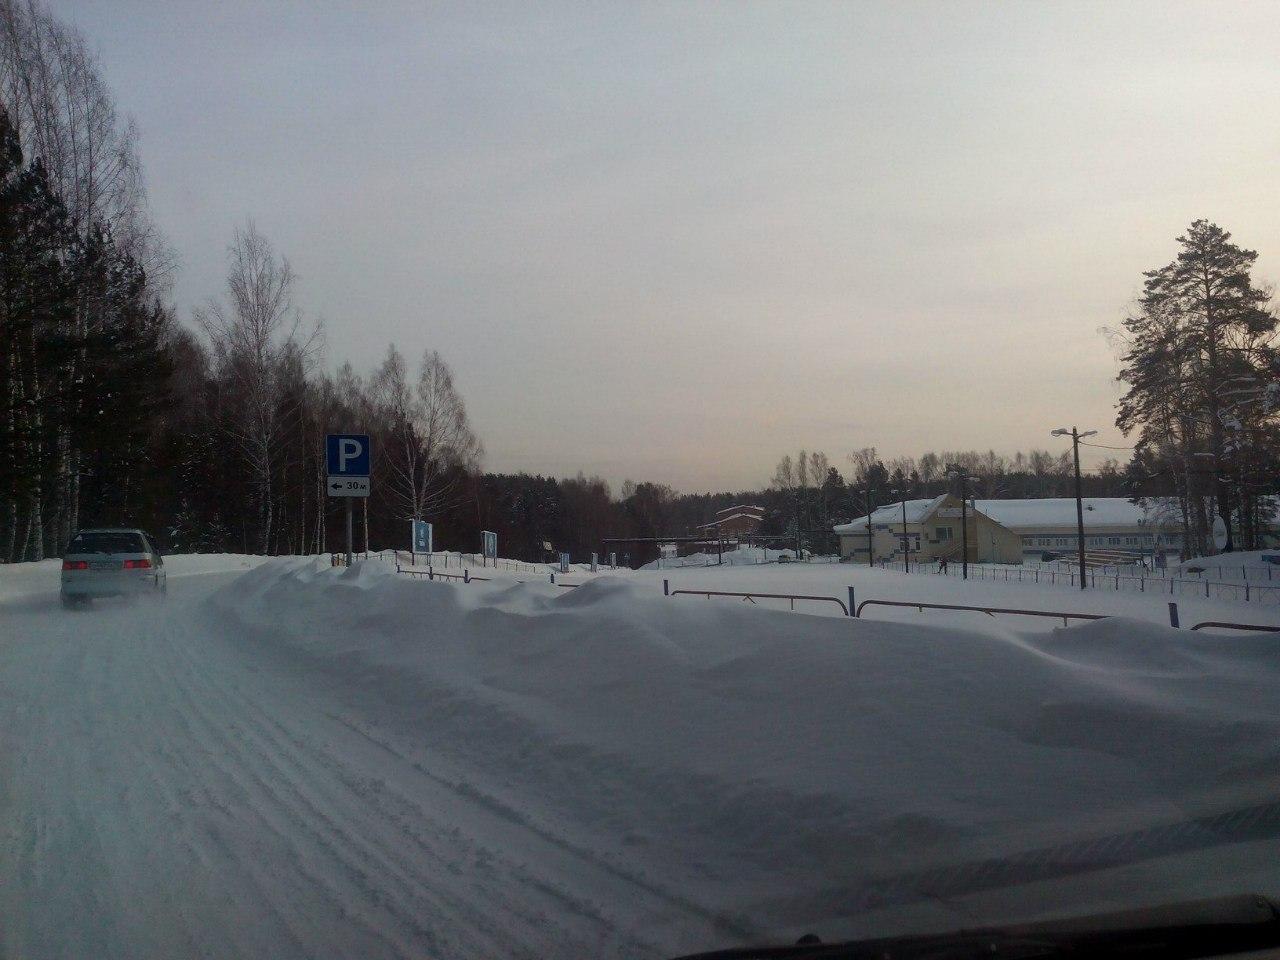 8  марта       3 этап Кубка России по кинологическому спорту (гонка-буксировка)  BKJjjS4lIho